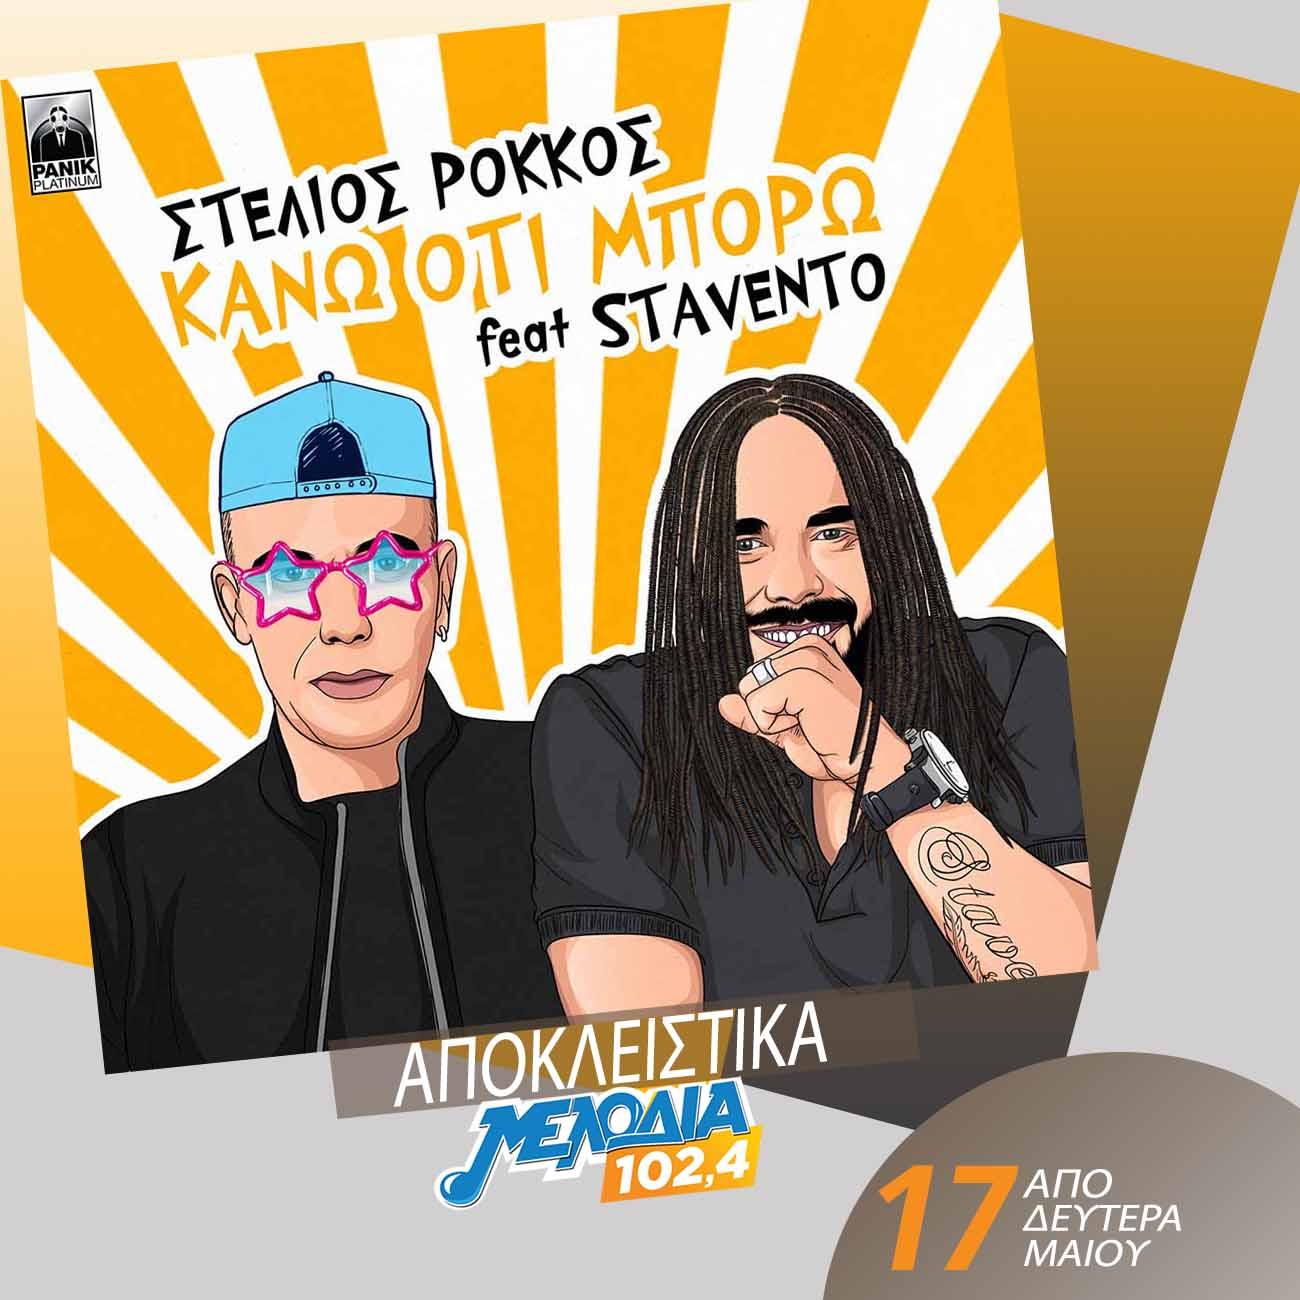 Στέλιος Ρόκκος Feat. Stavento – Κάνω Ότι Μπορώ   Νέα Αποκλειστικότητα